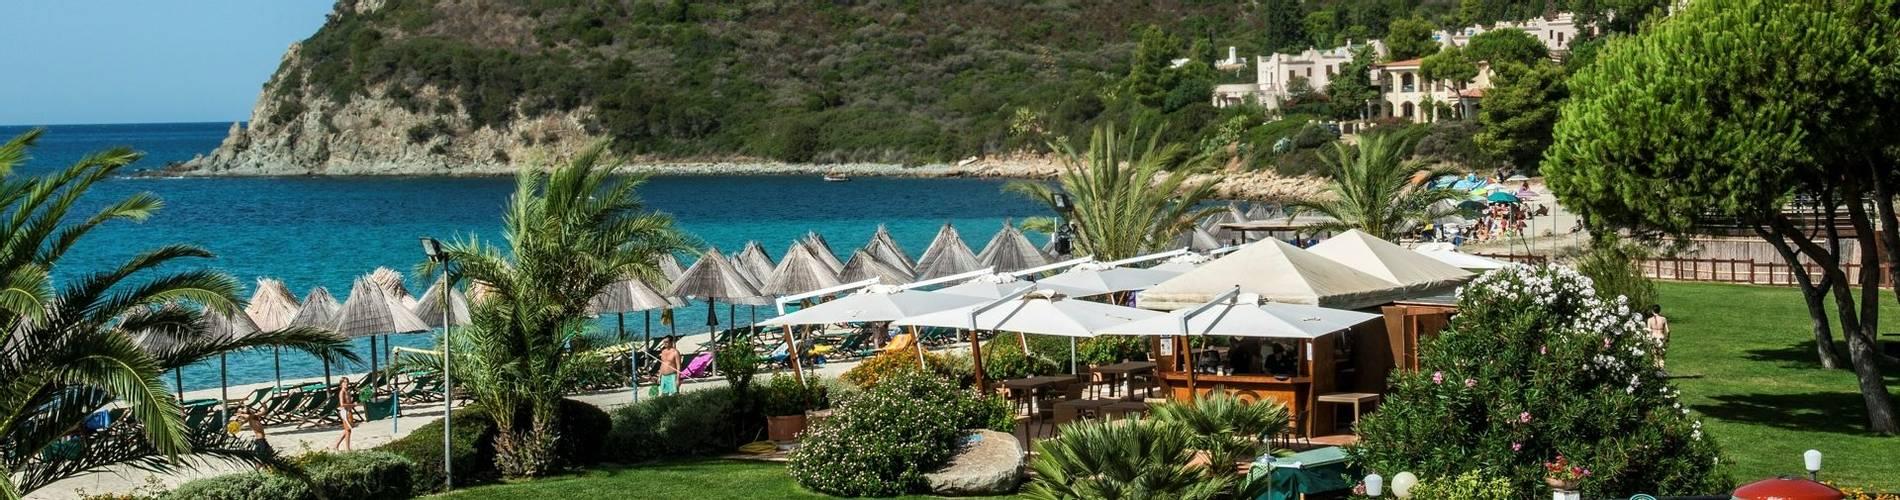 Hotel Cormoran, Sardinia, Italy (9).jpg